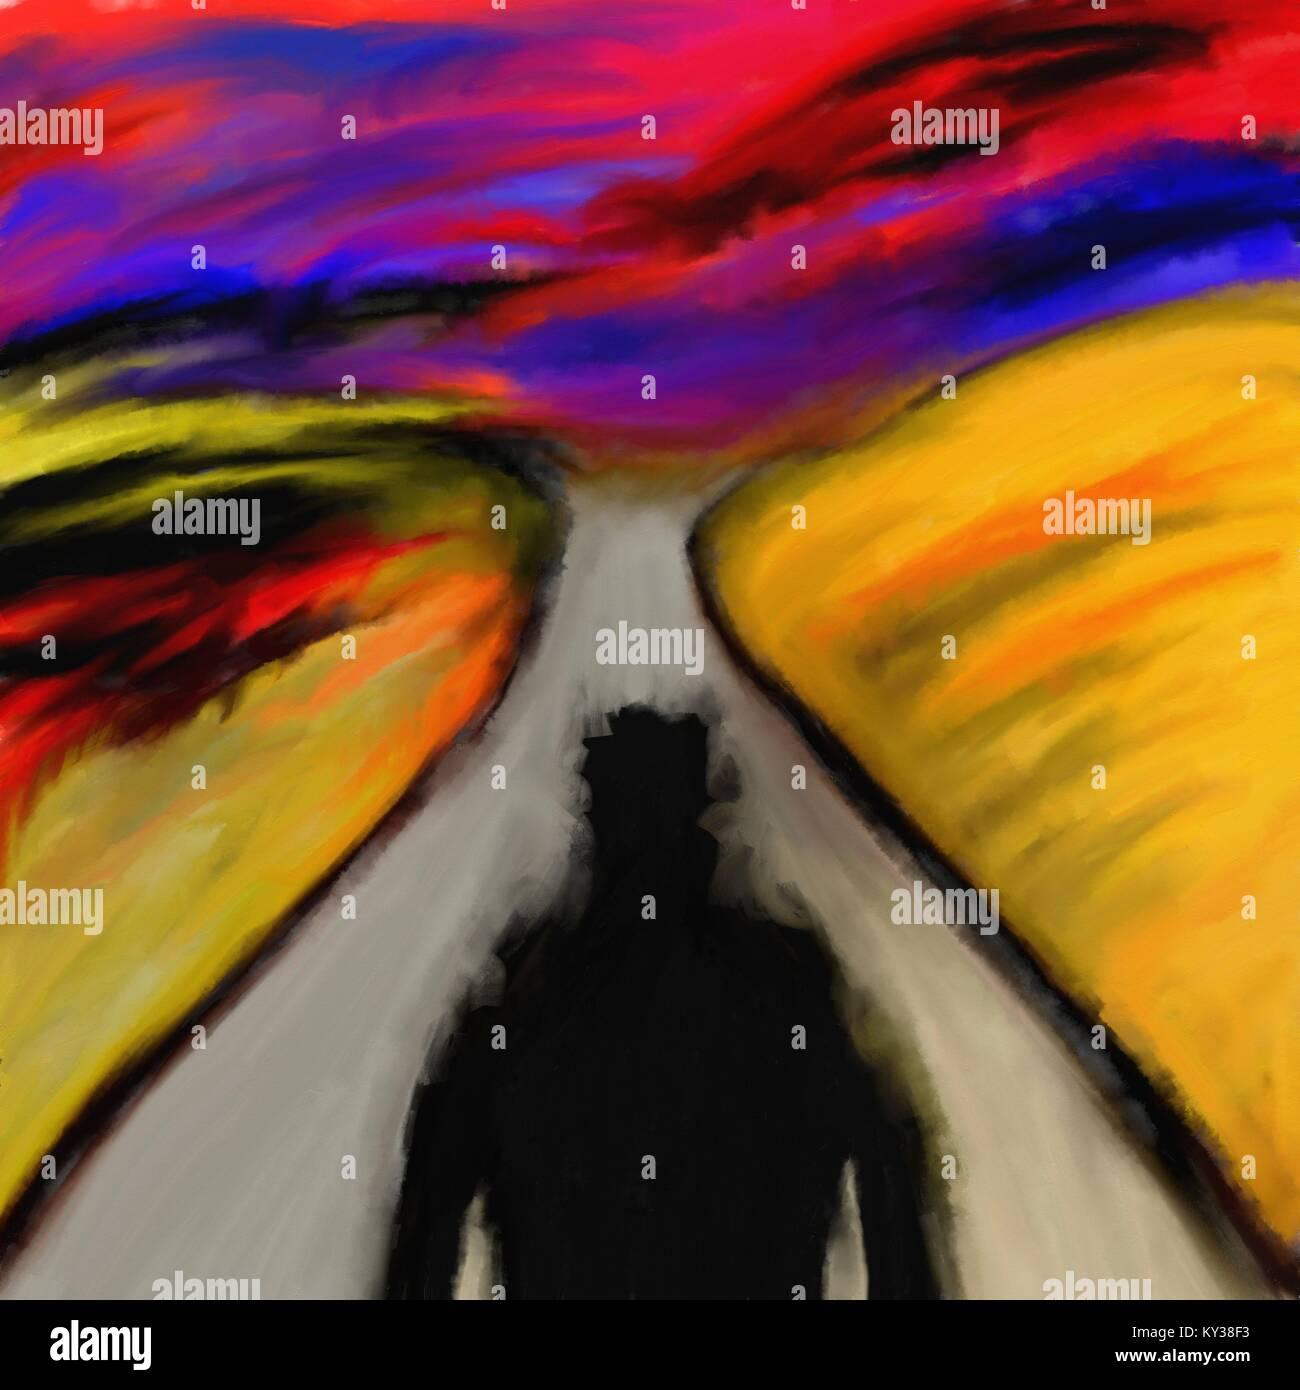 Daemon Auf Der Strasse Abstrakte Kunst Aquarell Malerei Bosen Schatten Und Rote Himmel Hintergrund Stockfotografie Alamy